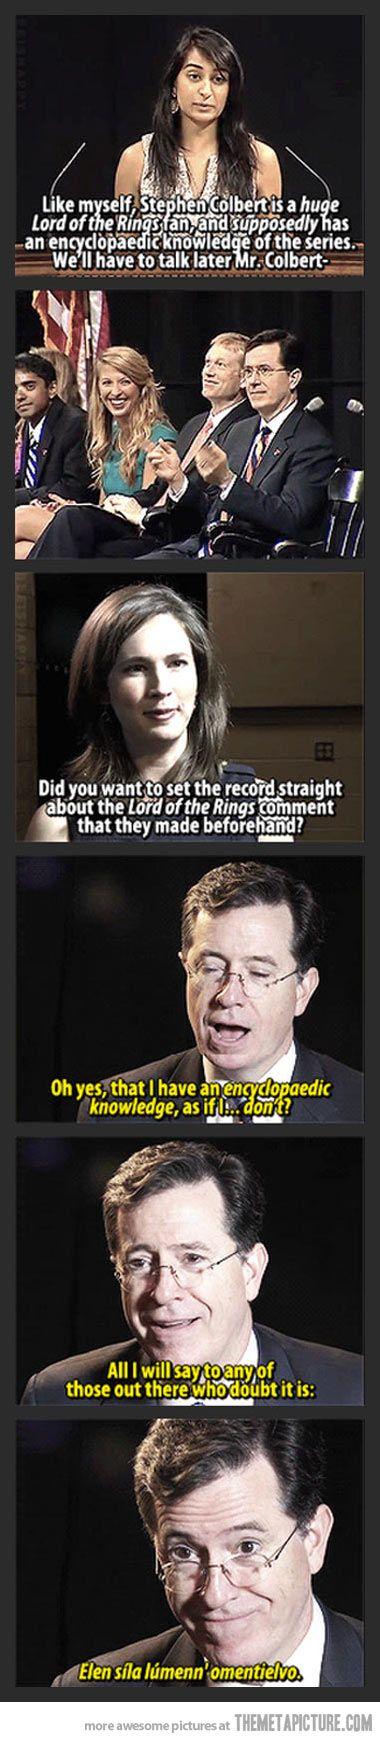 Stephen Colbert LOTR